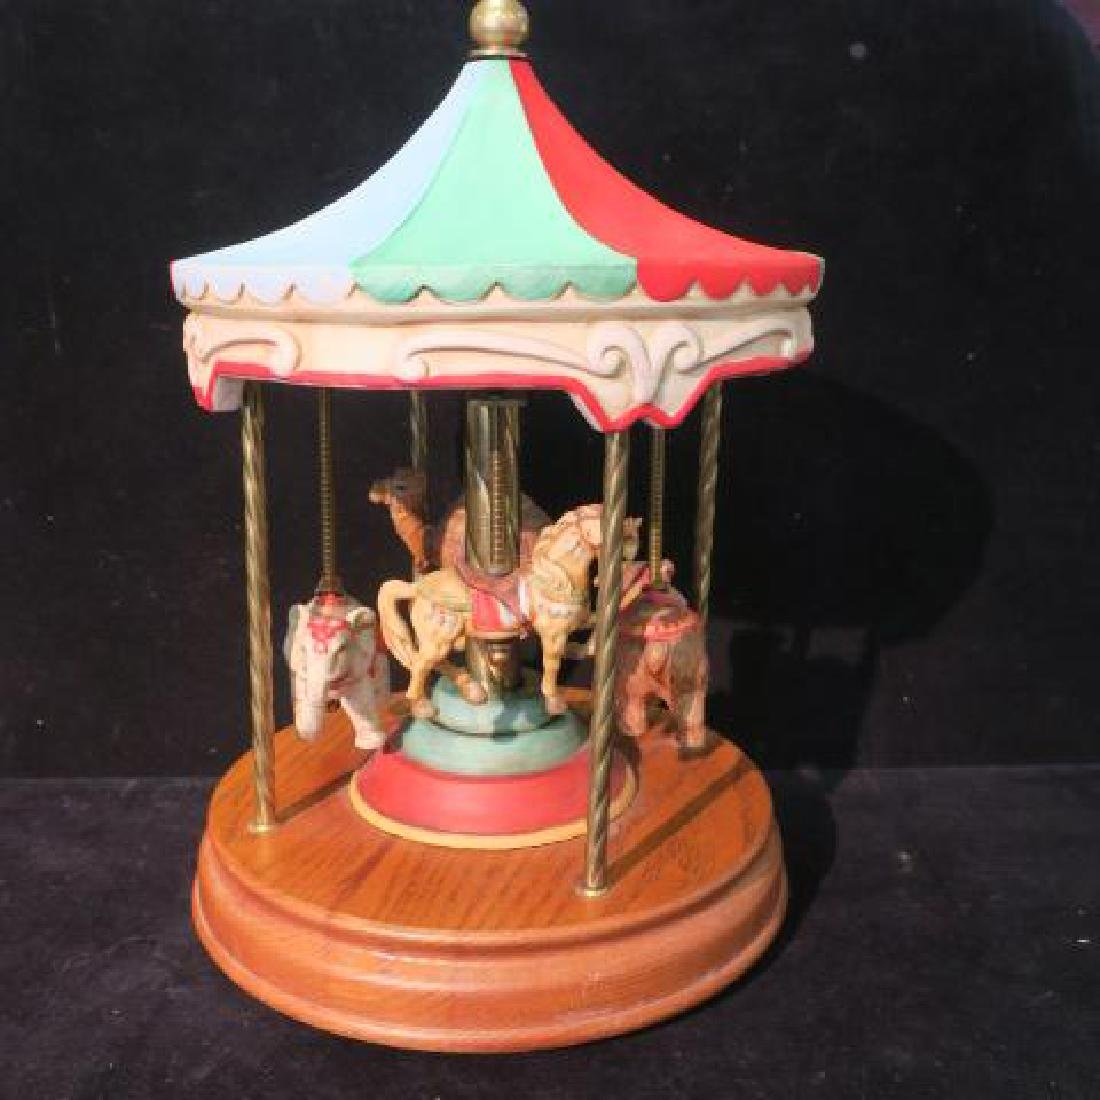 Musical Carousel with Elephant, Bear, Horse & Camel: